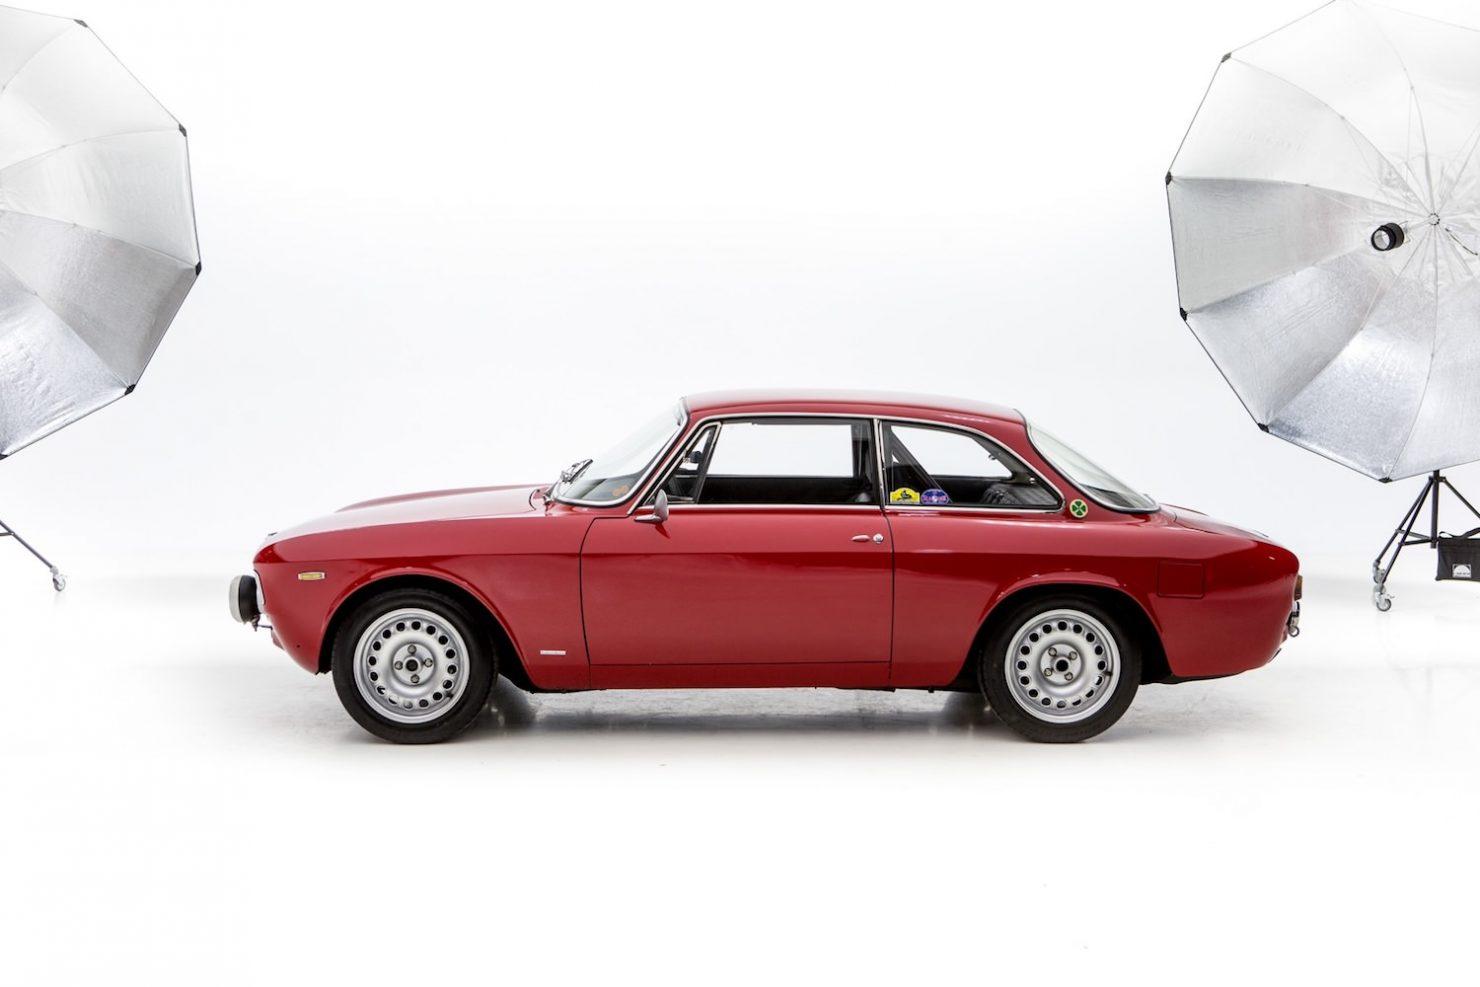 alfa romeo sprint gt veloce 19 1480x987 - 1967 Alfa Romeo Sprint GT Veloce